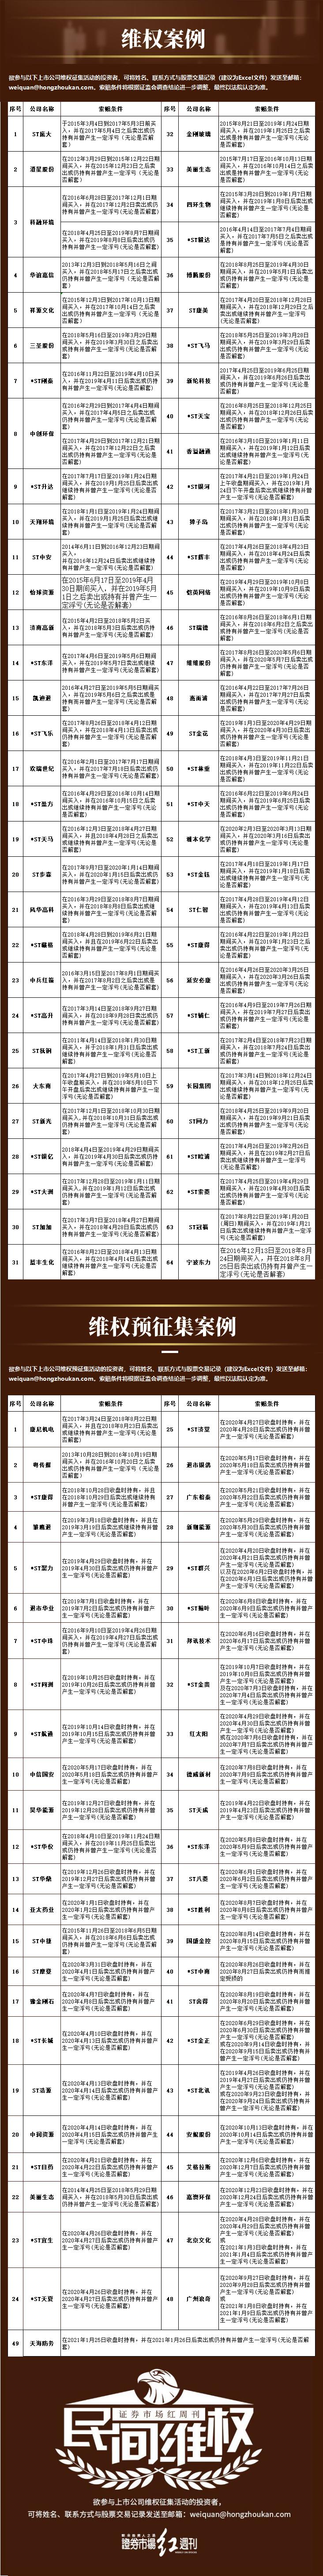 民间维权 | ST中安合计涉诉请求金额超5.7亿元